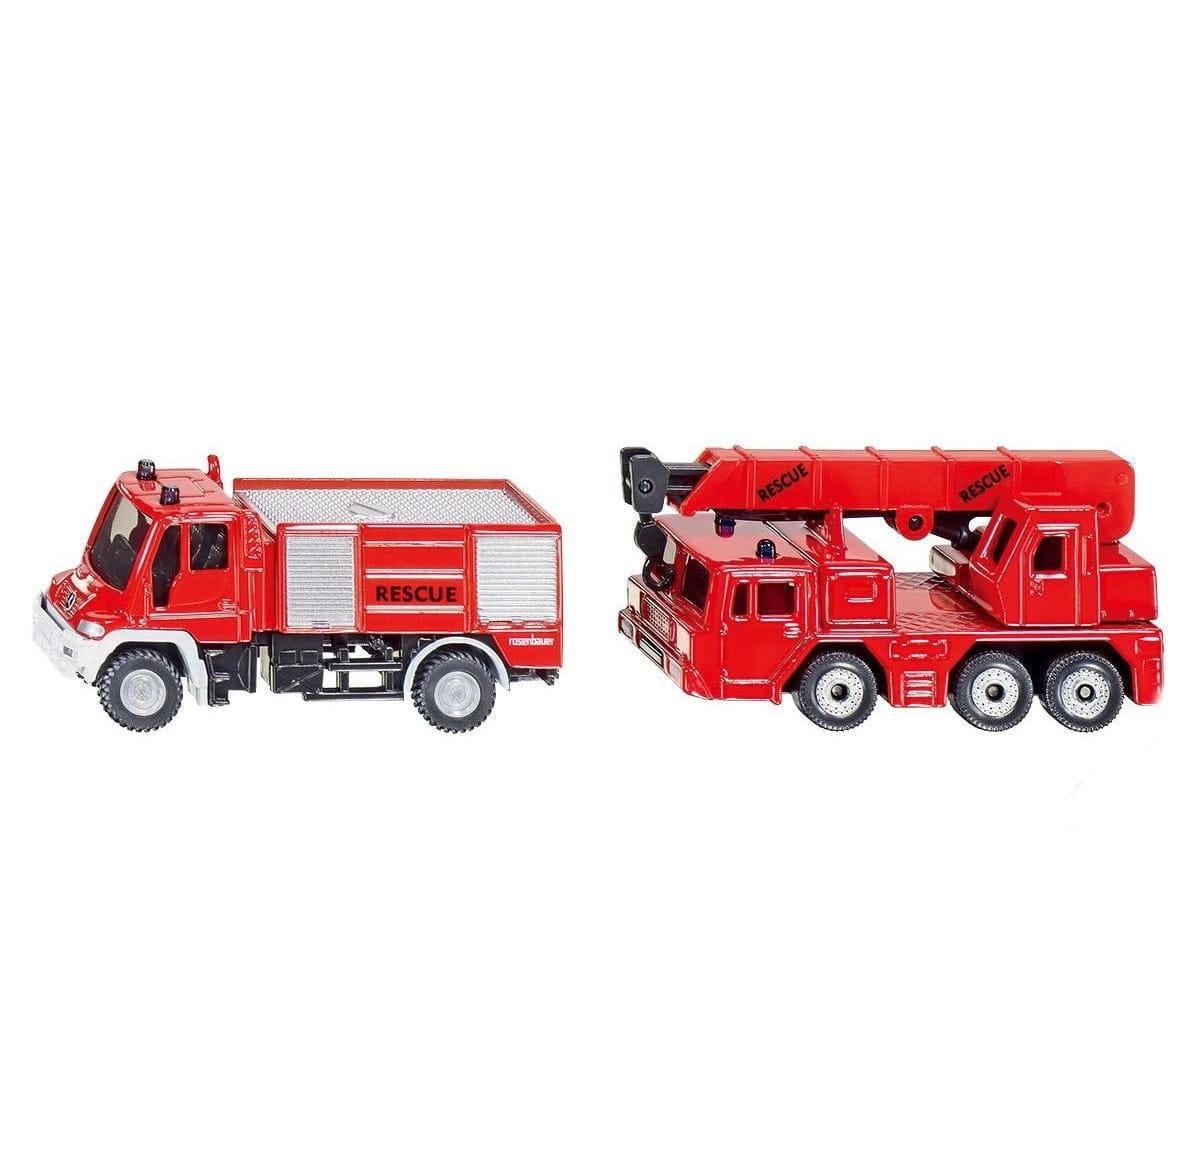 Набор пожарных машин Siku